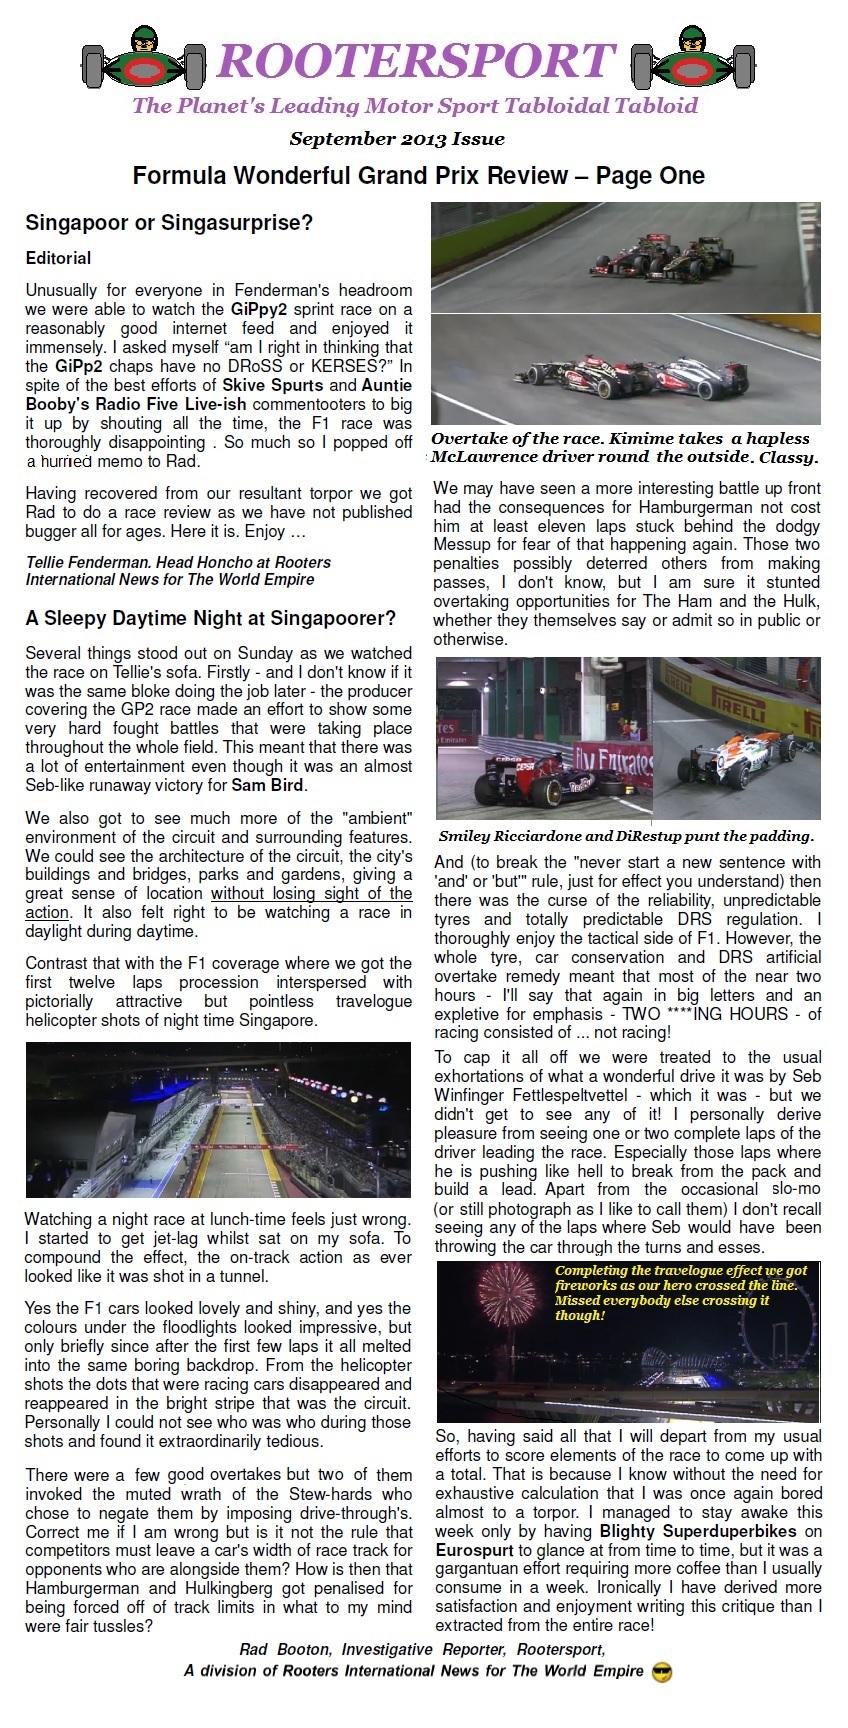 Rootersport Singapoor issue.jpg